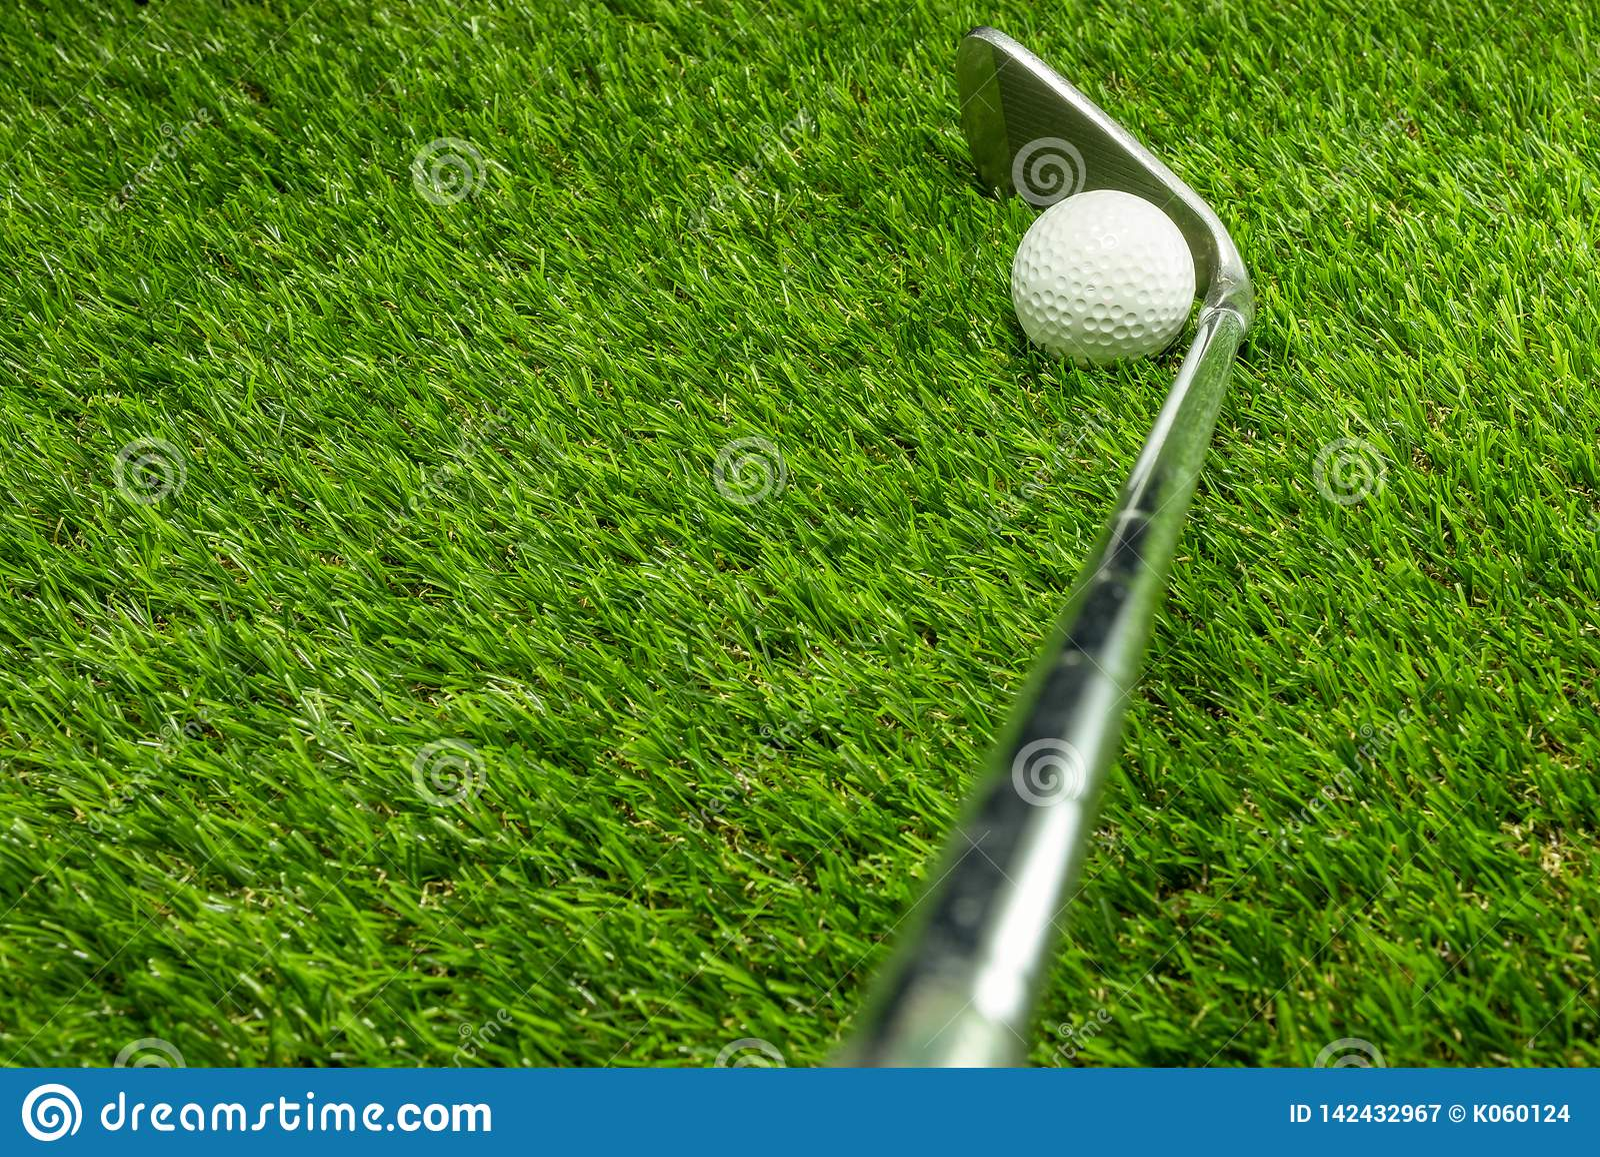 Σφαίρα και γκολφ κλαμπ γκολφ στη χλόη